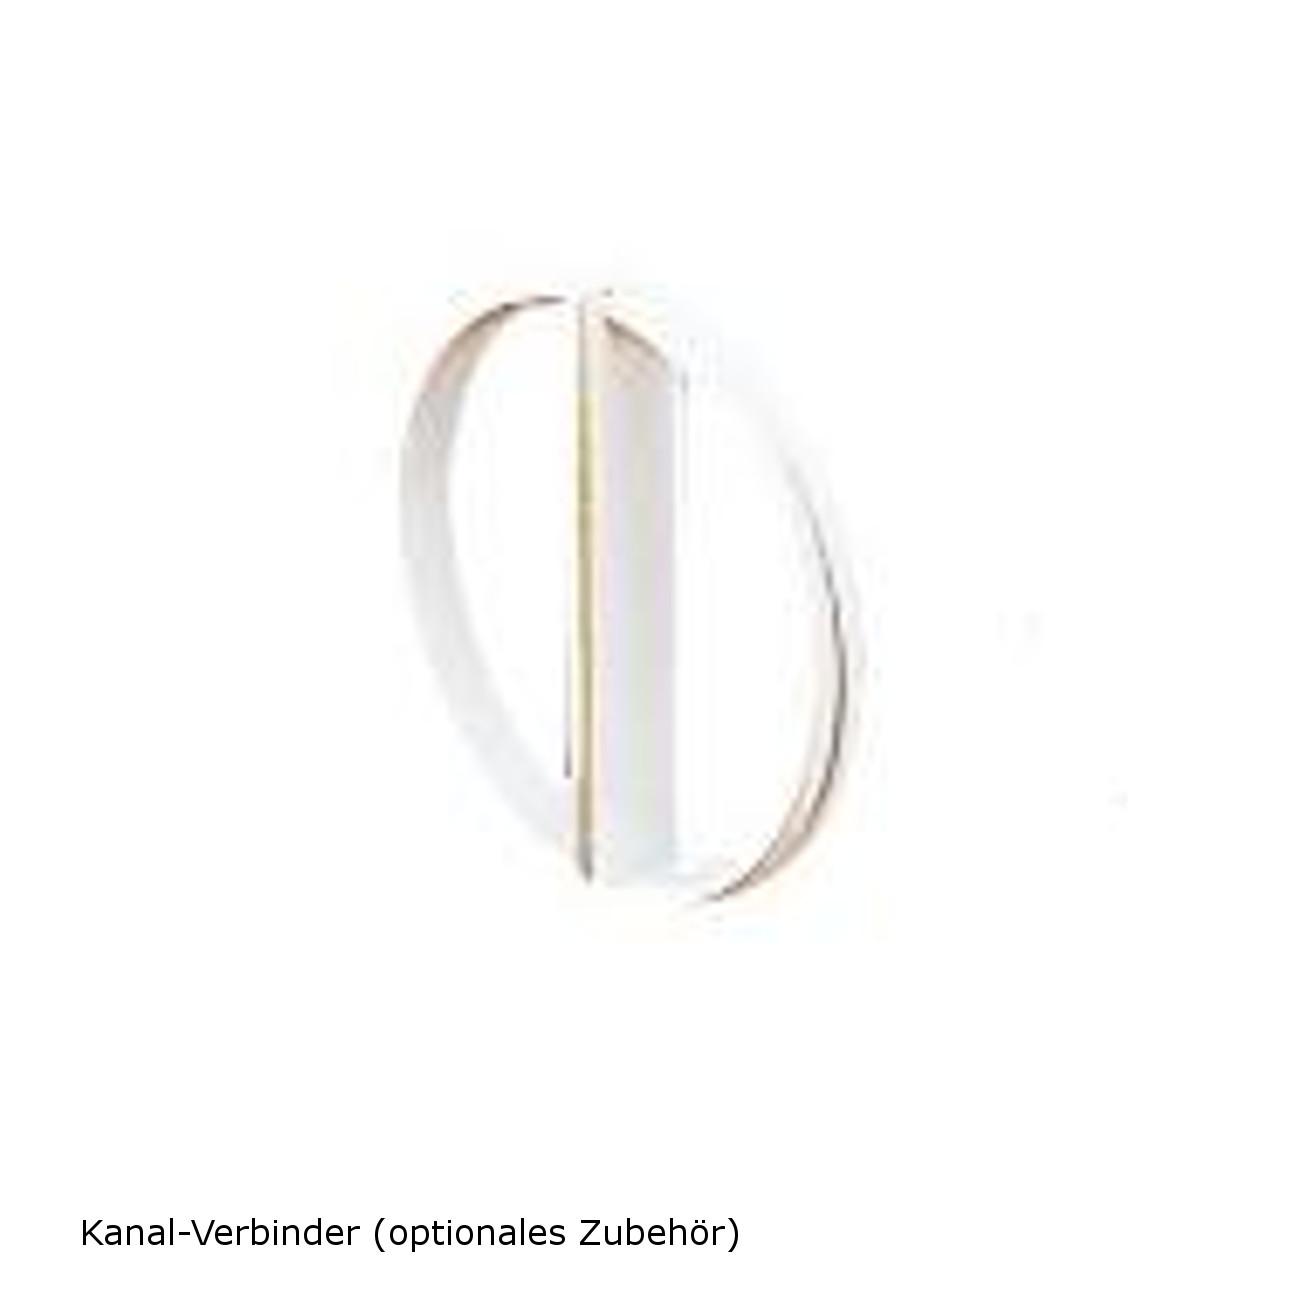 Kanalverbinder-311452